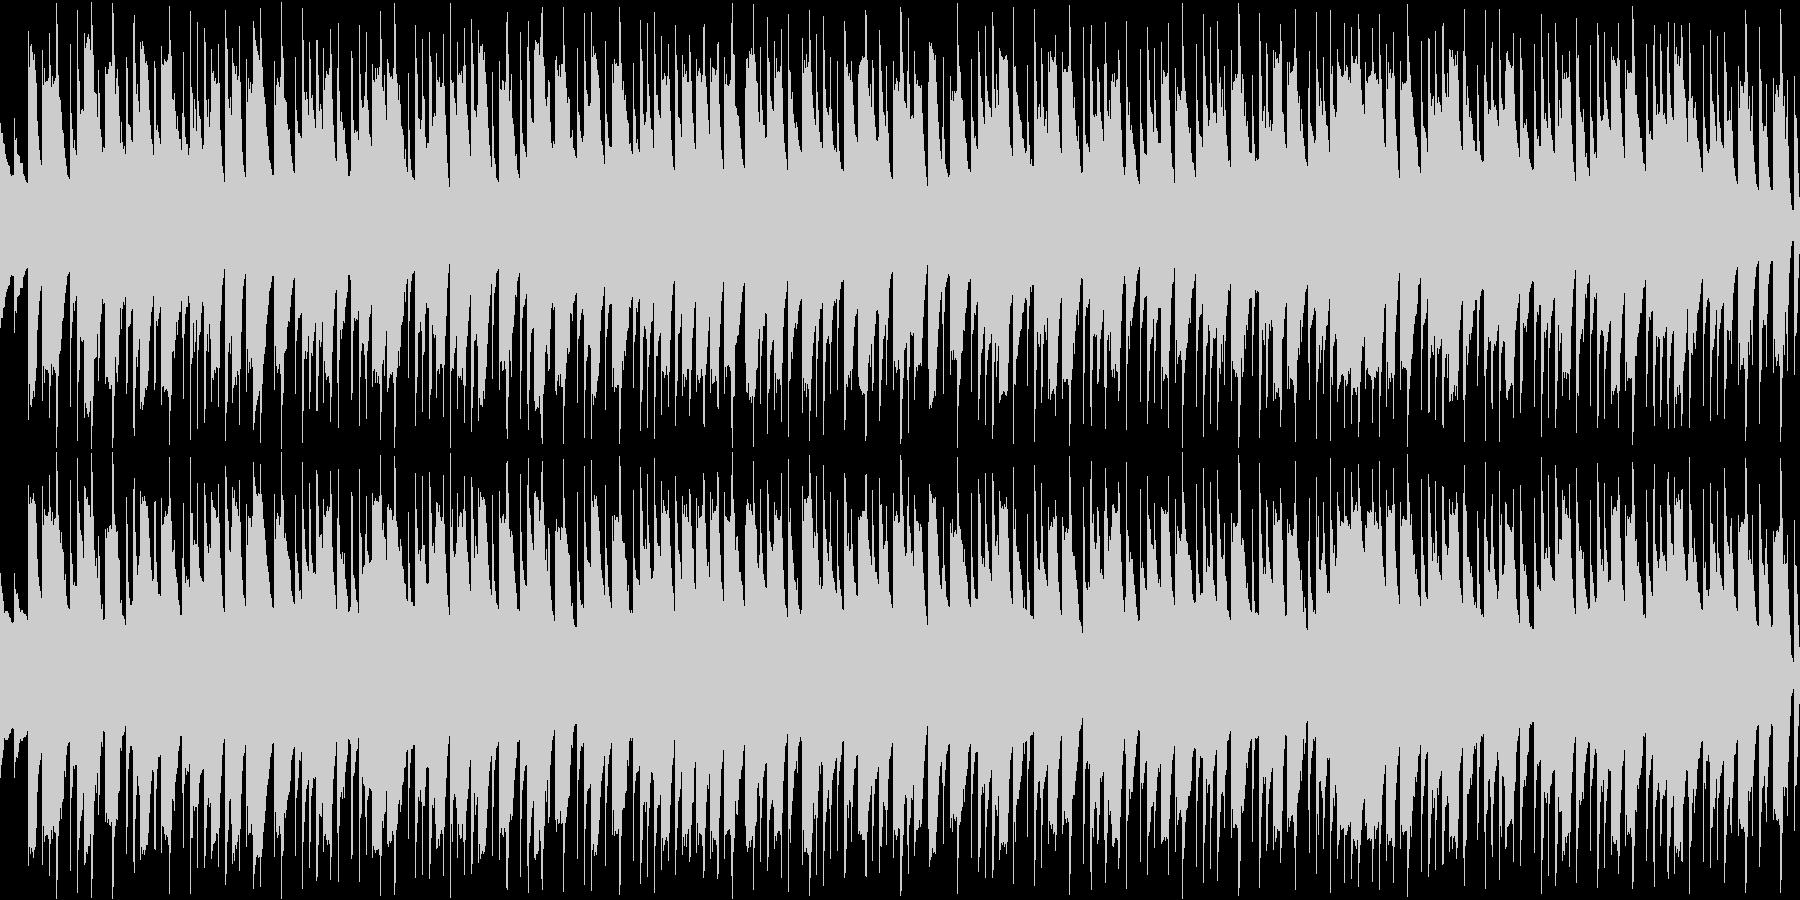 シーン・ロボット情熱・ループシンセの未再生の波形